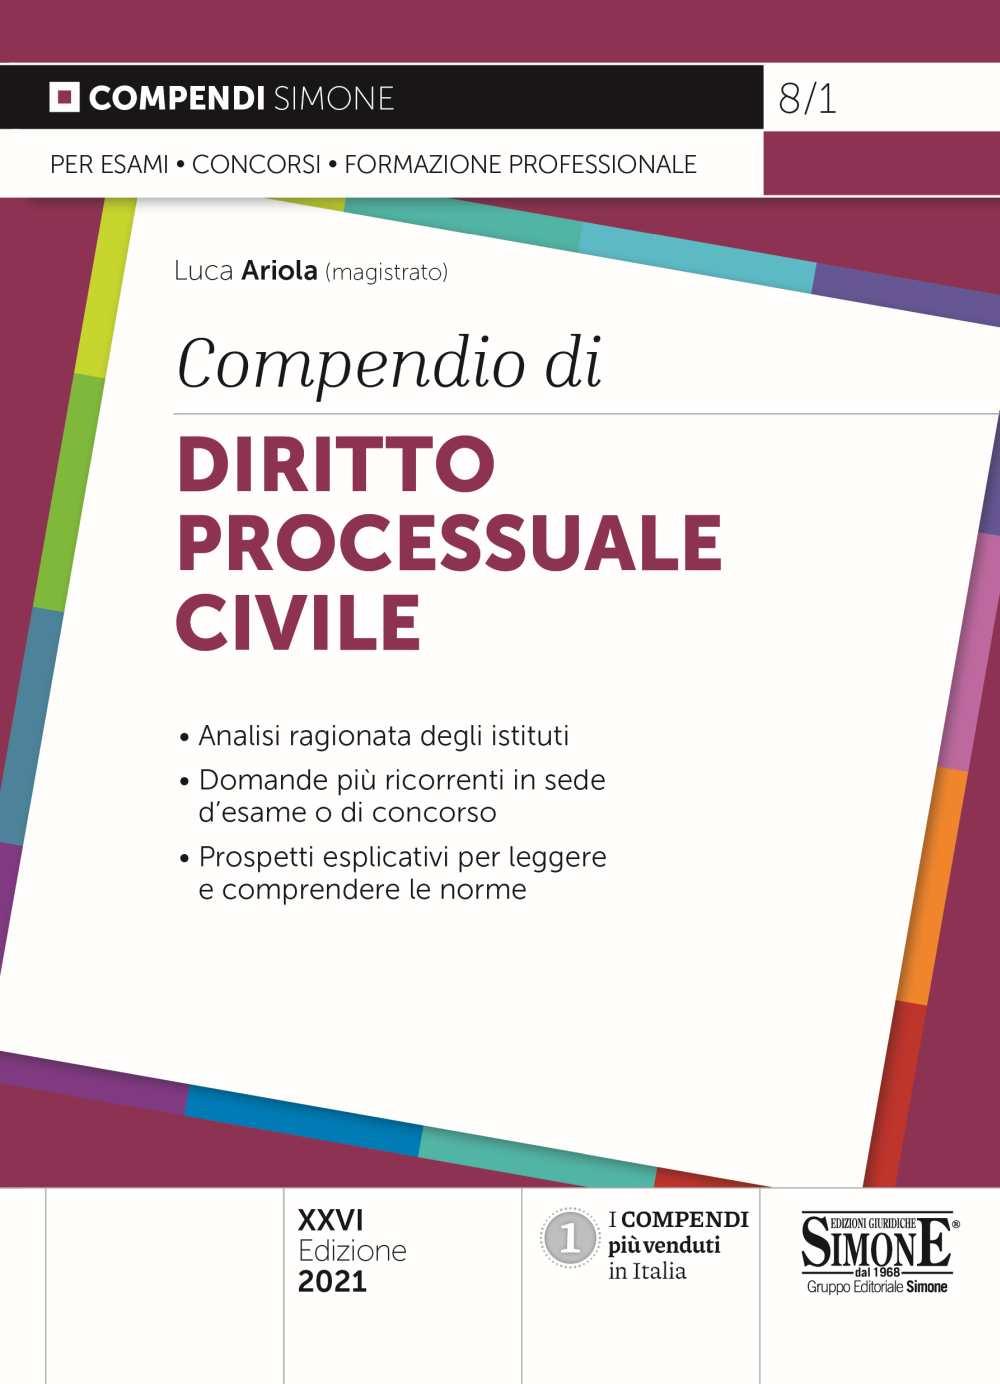 Compendio Diritto Processuale Civile